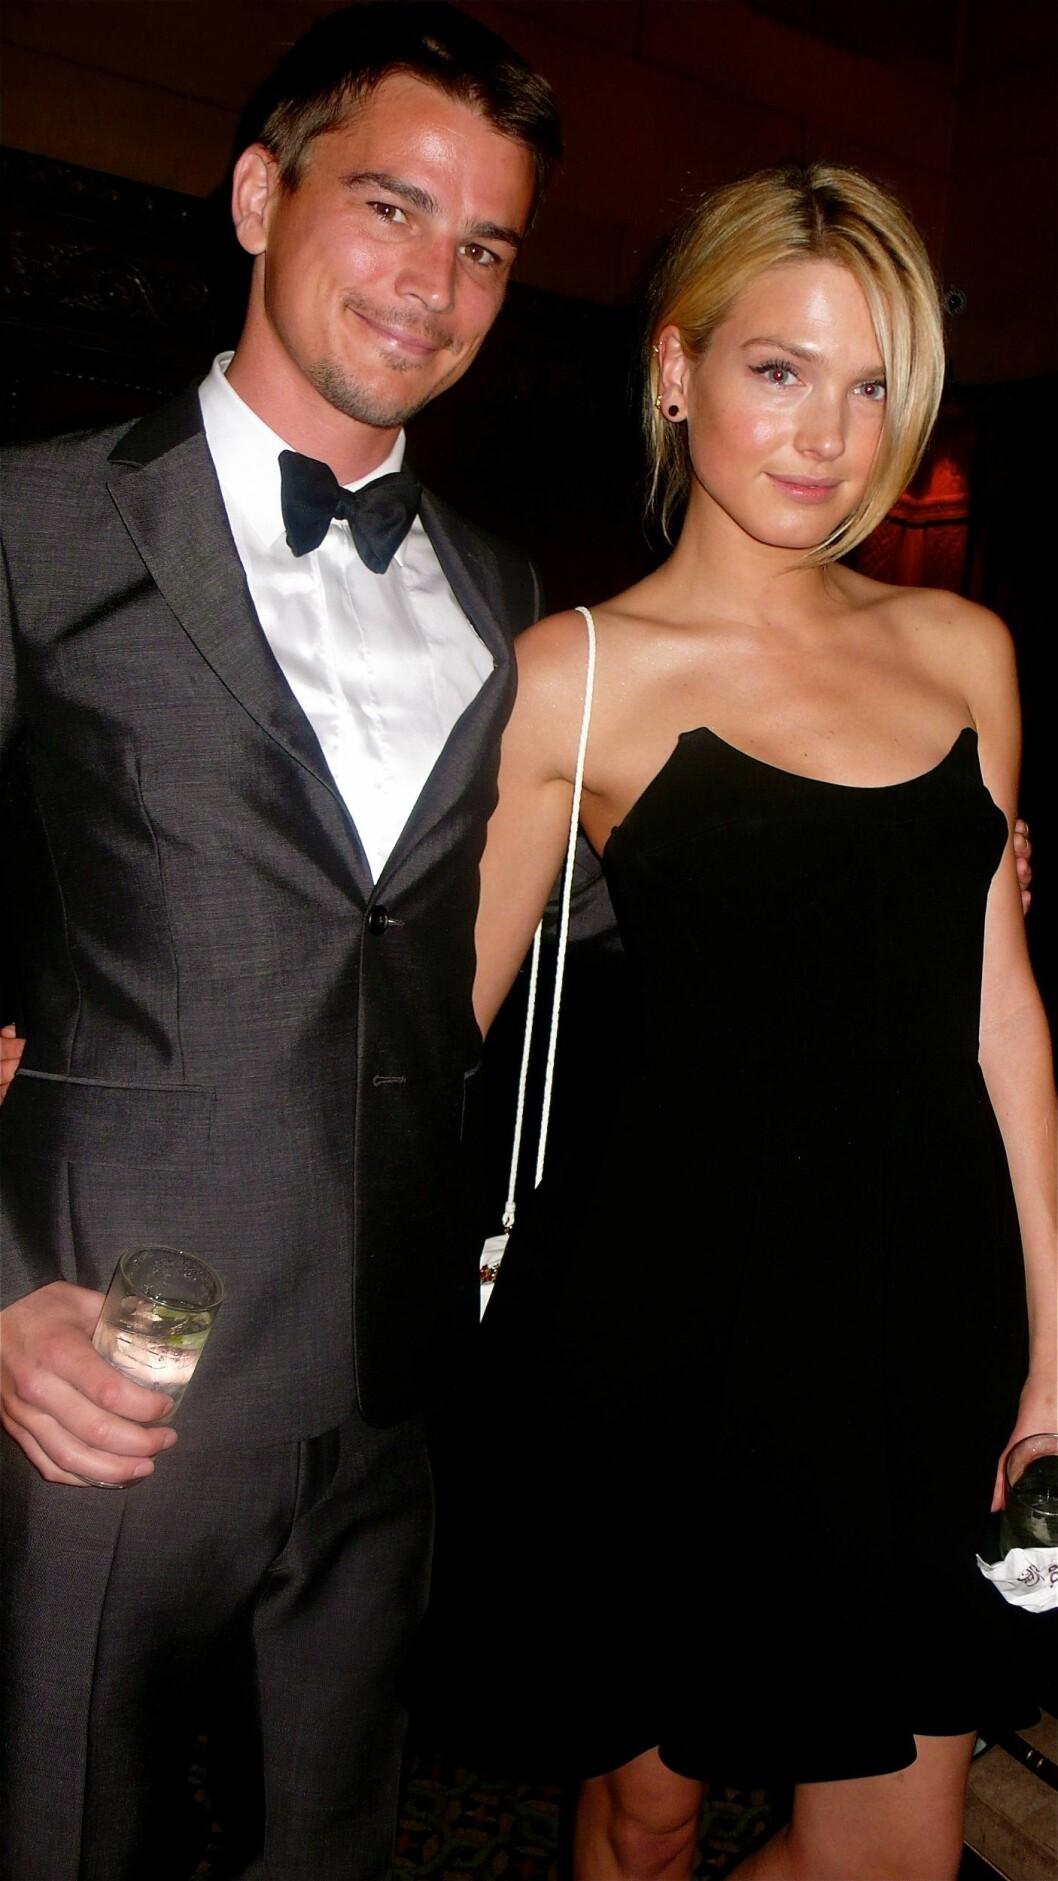 NORSK EKS-KJÆRESTE: Hartnett har tidligere vært sammen med norske Sophia Lie. Her er paret på en fest i New York sammen i 2011. Foto: NTB Scanpix